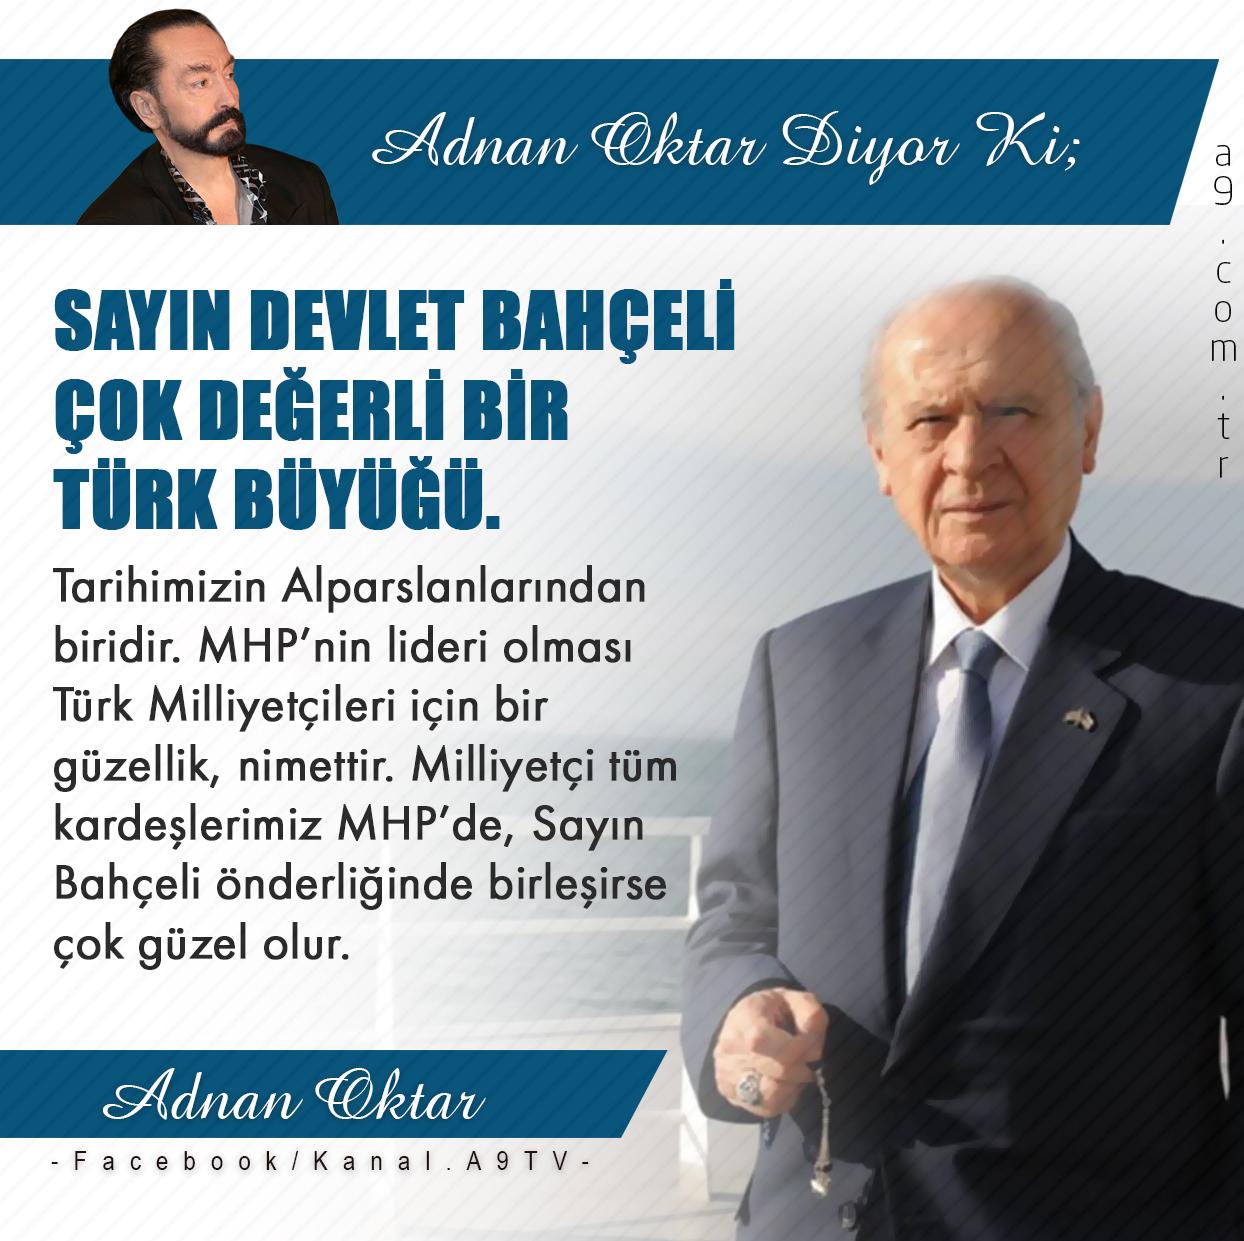 """<table style=""""width: 100%;""""><tr><td style=""""vertical-align: middle;"""">Sayın Devlet Bahçeli çok değerli bir Türk büyüğü. Tarihimizin Alparslanlarından biridir. MHP'nin lideri olması Türk Milliyetçileri için bir güzellik, nimettir. Milliyetçi tüm kardeşlerimiz MHP'de, Sayın Bahçeli önderliğinde birleşirse çok güzel olur.</td><td style=""""max-width: 70px;vertical-align: middle;""""> <a href=""""/downloadquote.php?filename=1512539865333.jpg""""><img class=""""hoversaturate"""" height=""""20px"""" src=""""/assets/images/download-iconu.png"""" style=""""width: 48px; height: 48px;"""" title=""""Resmi İndir""""/></a></td></tr></table>"""